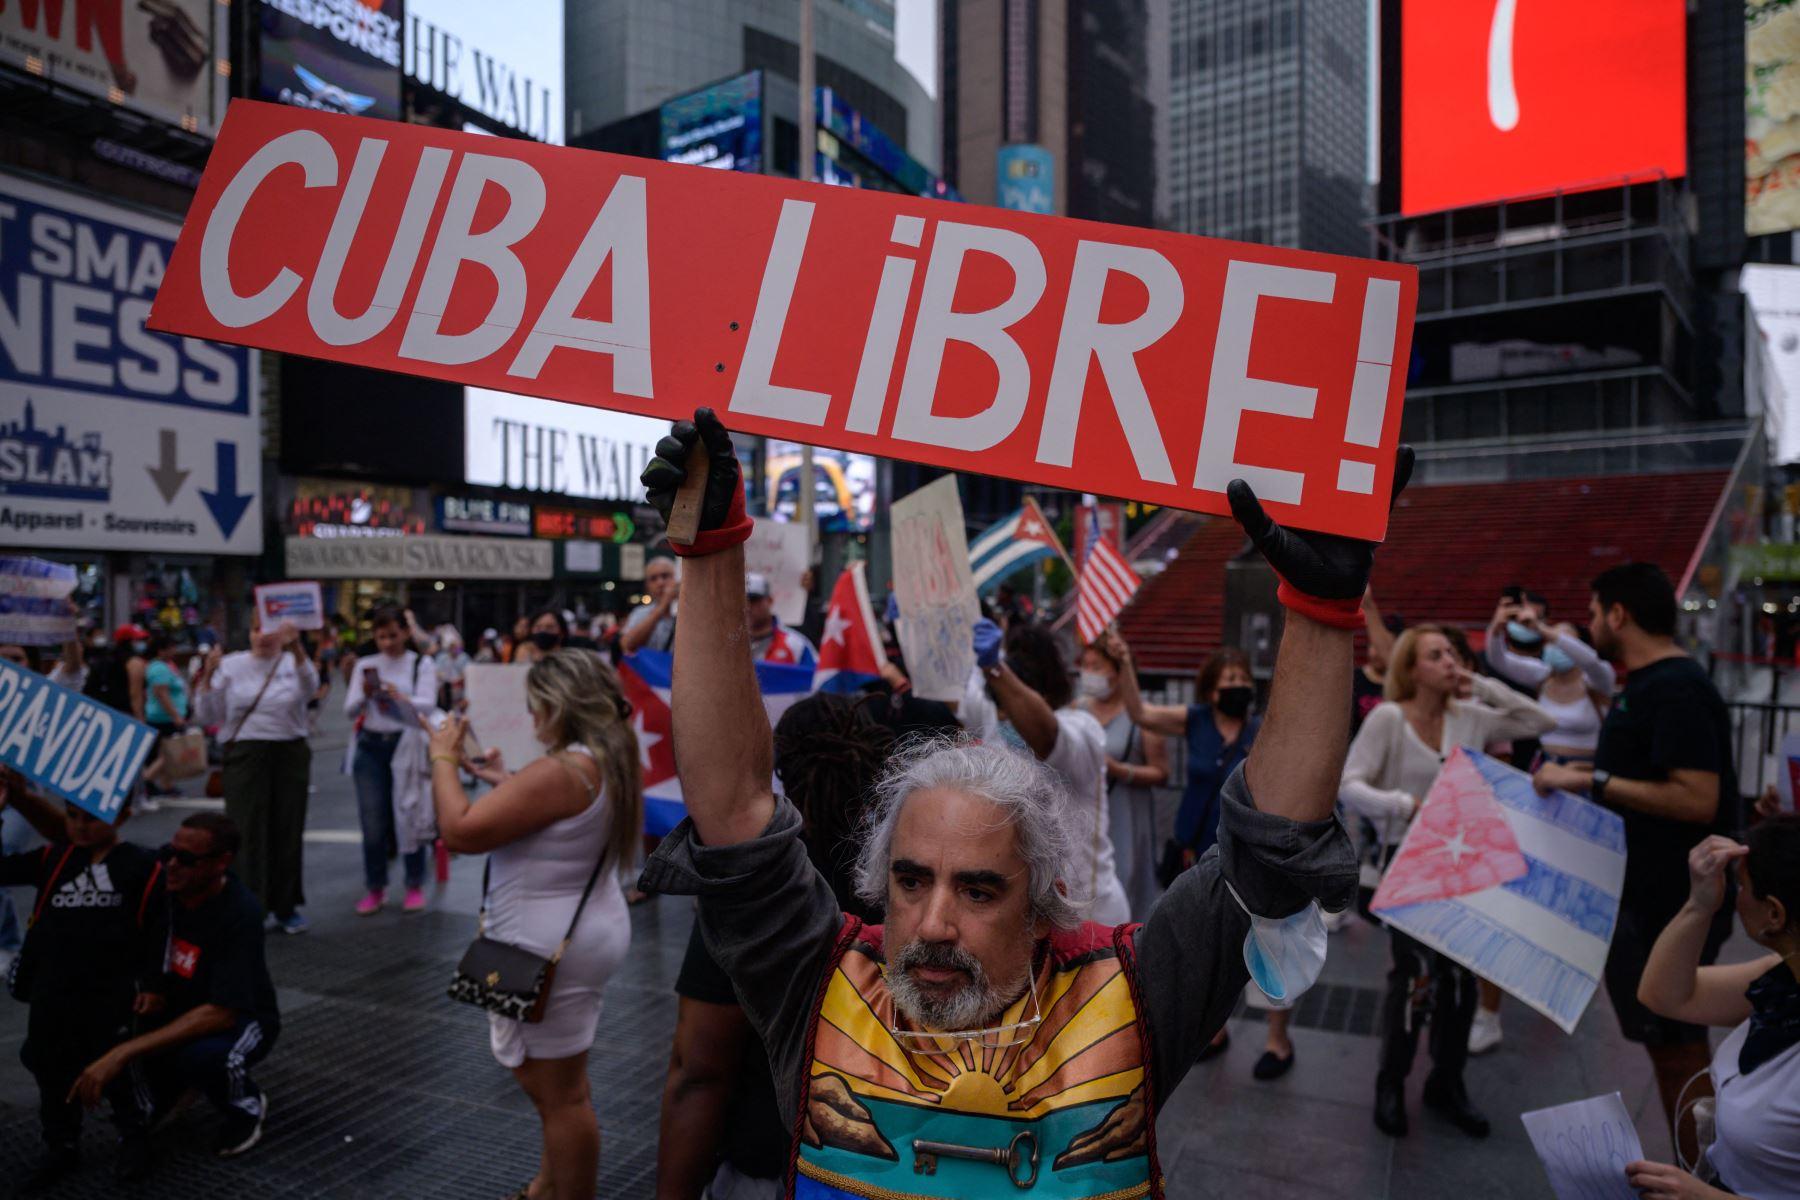 Los manifestantes sostienen pancartas durante una manifestación de solidaridad con las protestas antigubernamentales en Cuba, en Times Square, Nueva York. Foto: AFP